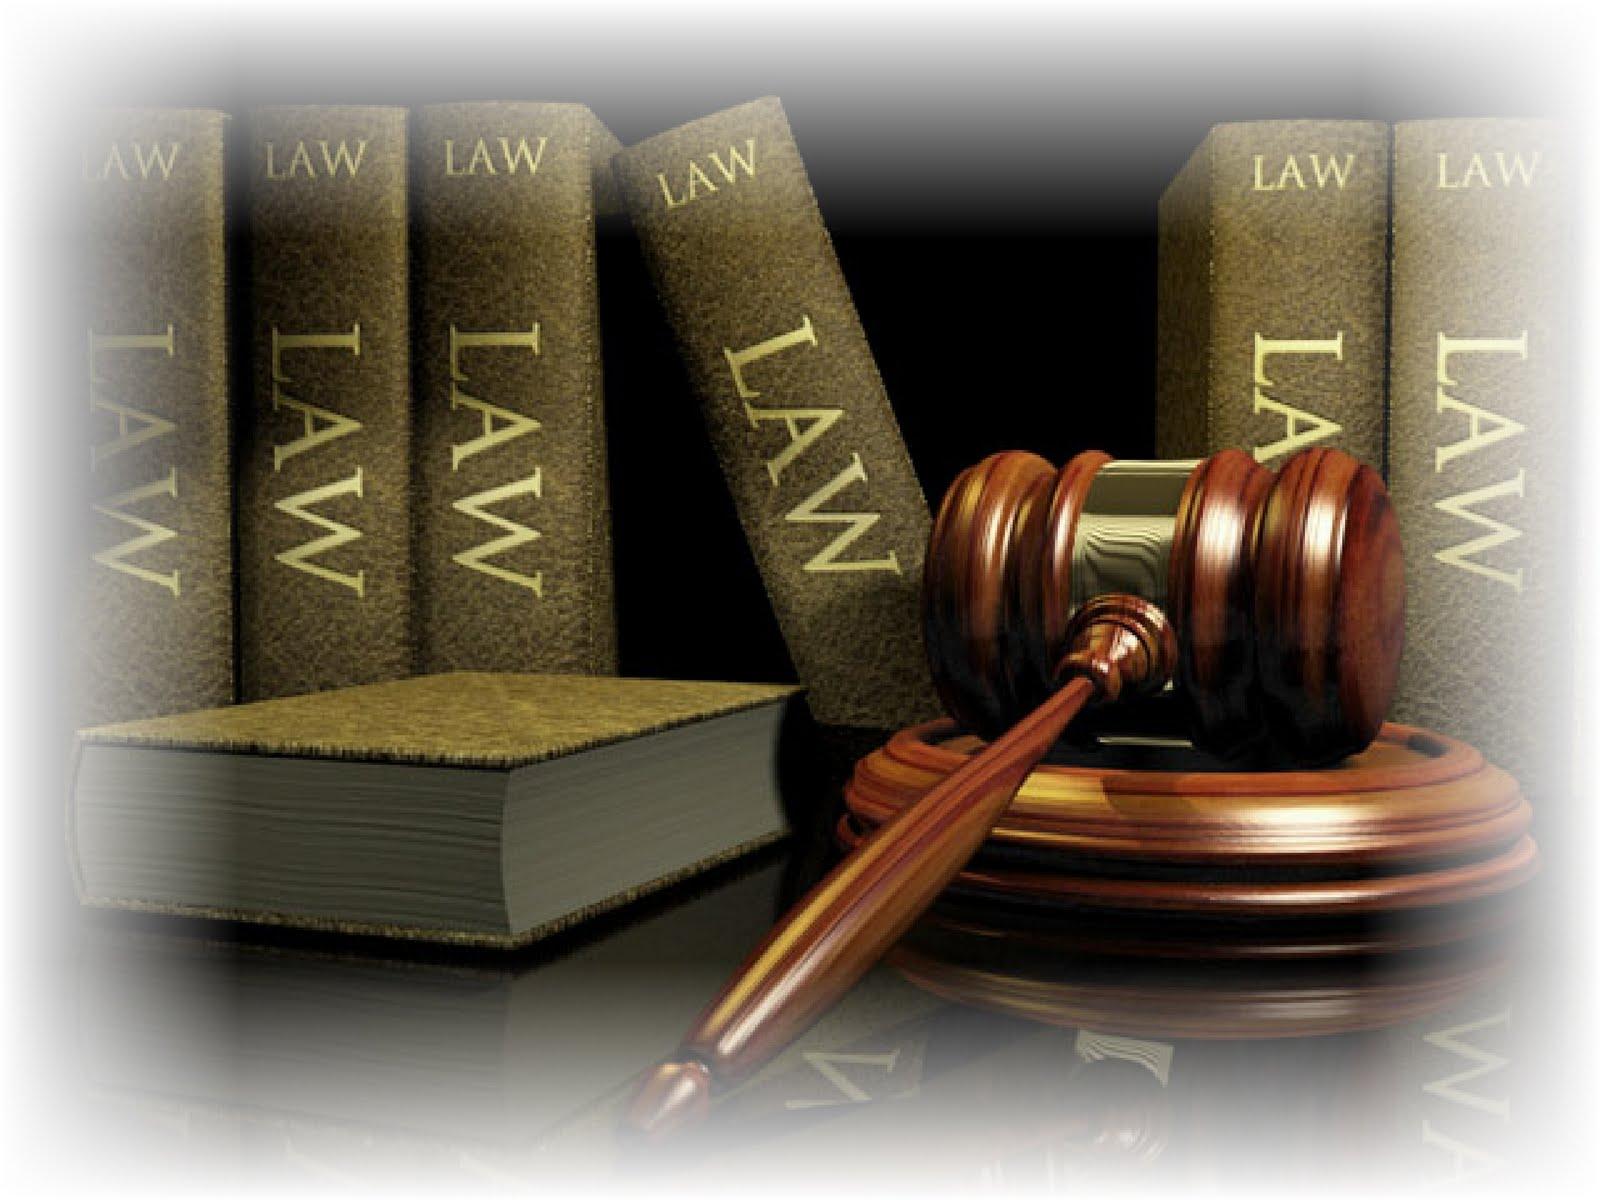 http://3.bp.blogspot.com/-89w3MAmHg8I/TtxVLCRMjUI/AAAAAAAABJY/Vu0ZnPnzC3A/s1600/law-4-772372.jpg